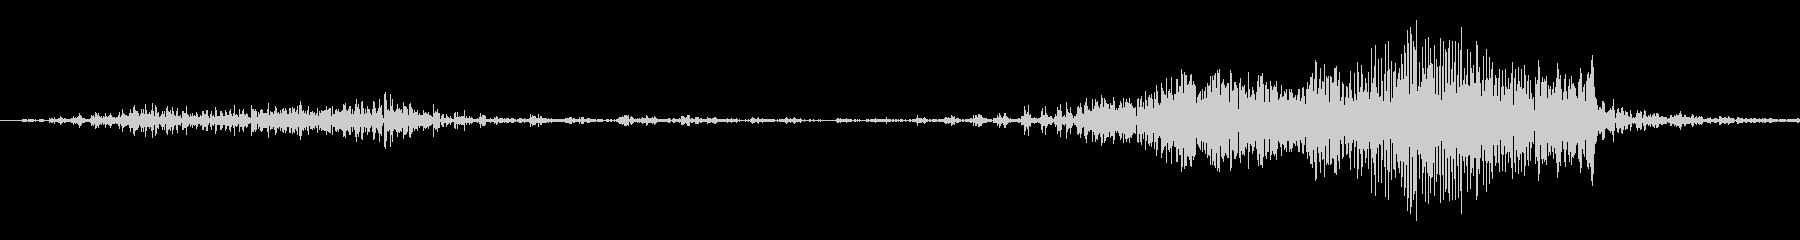 チャックを閉める音1の未再生の波形